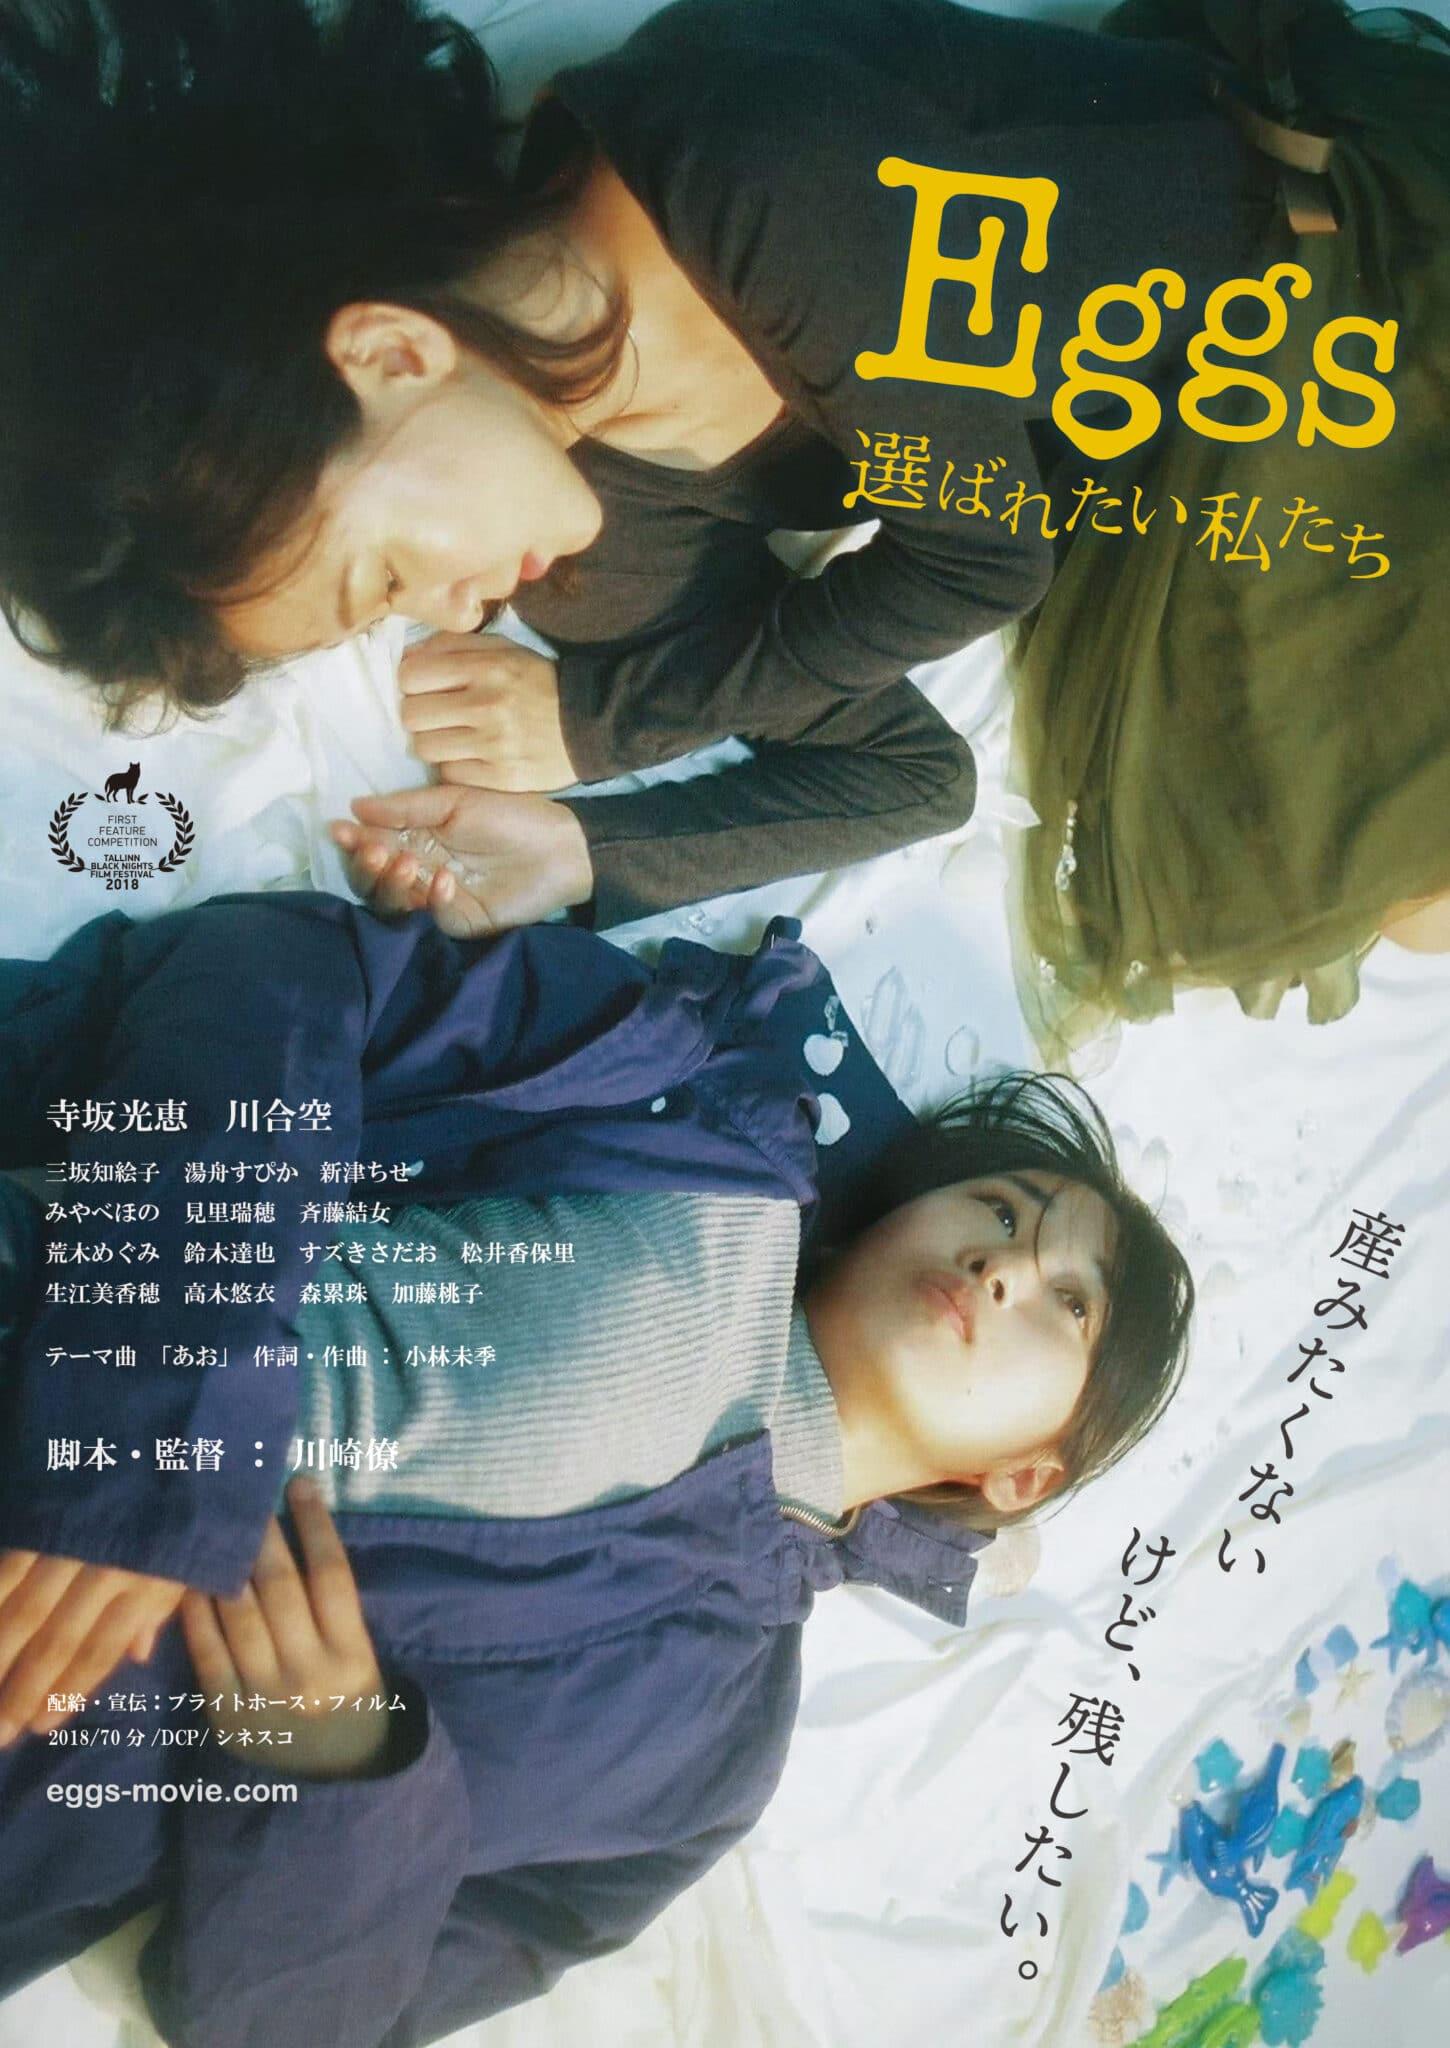 『Eggs 選ばれたい私たち』